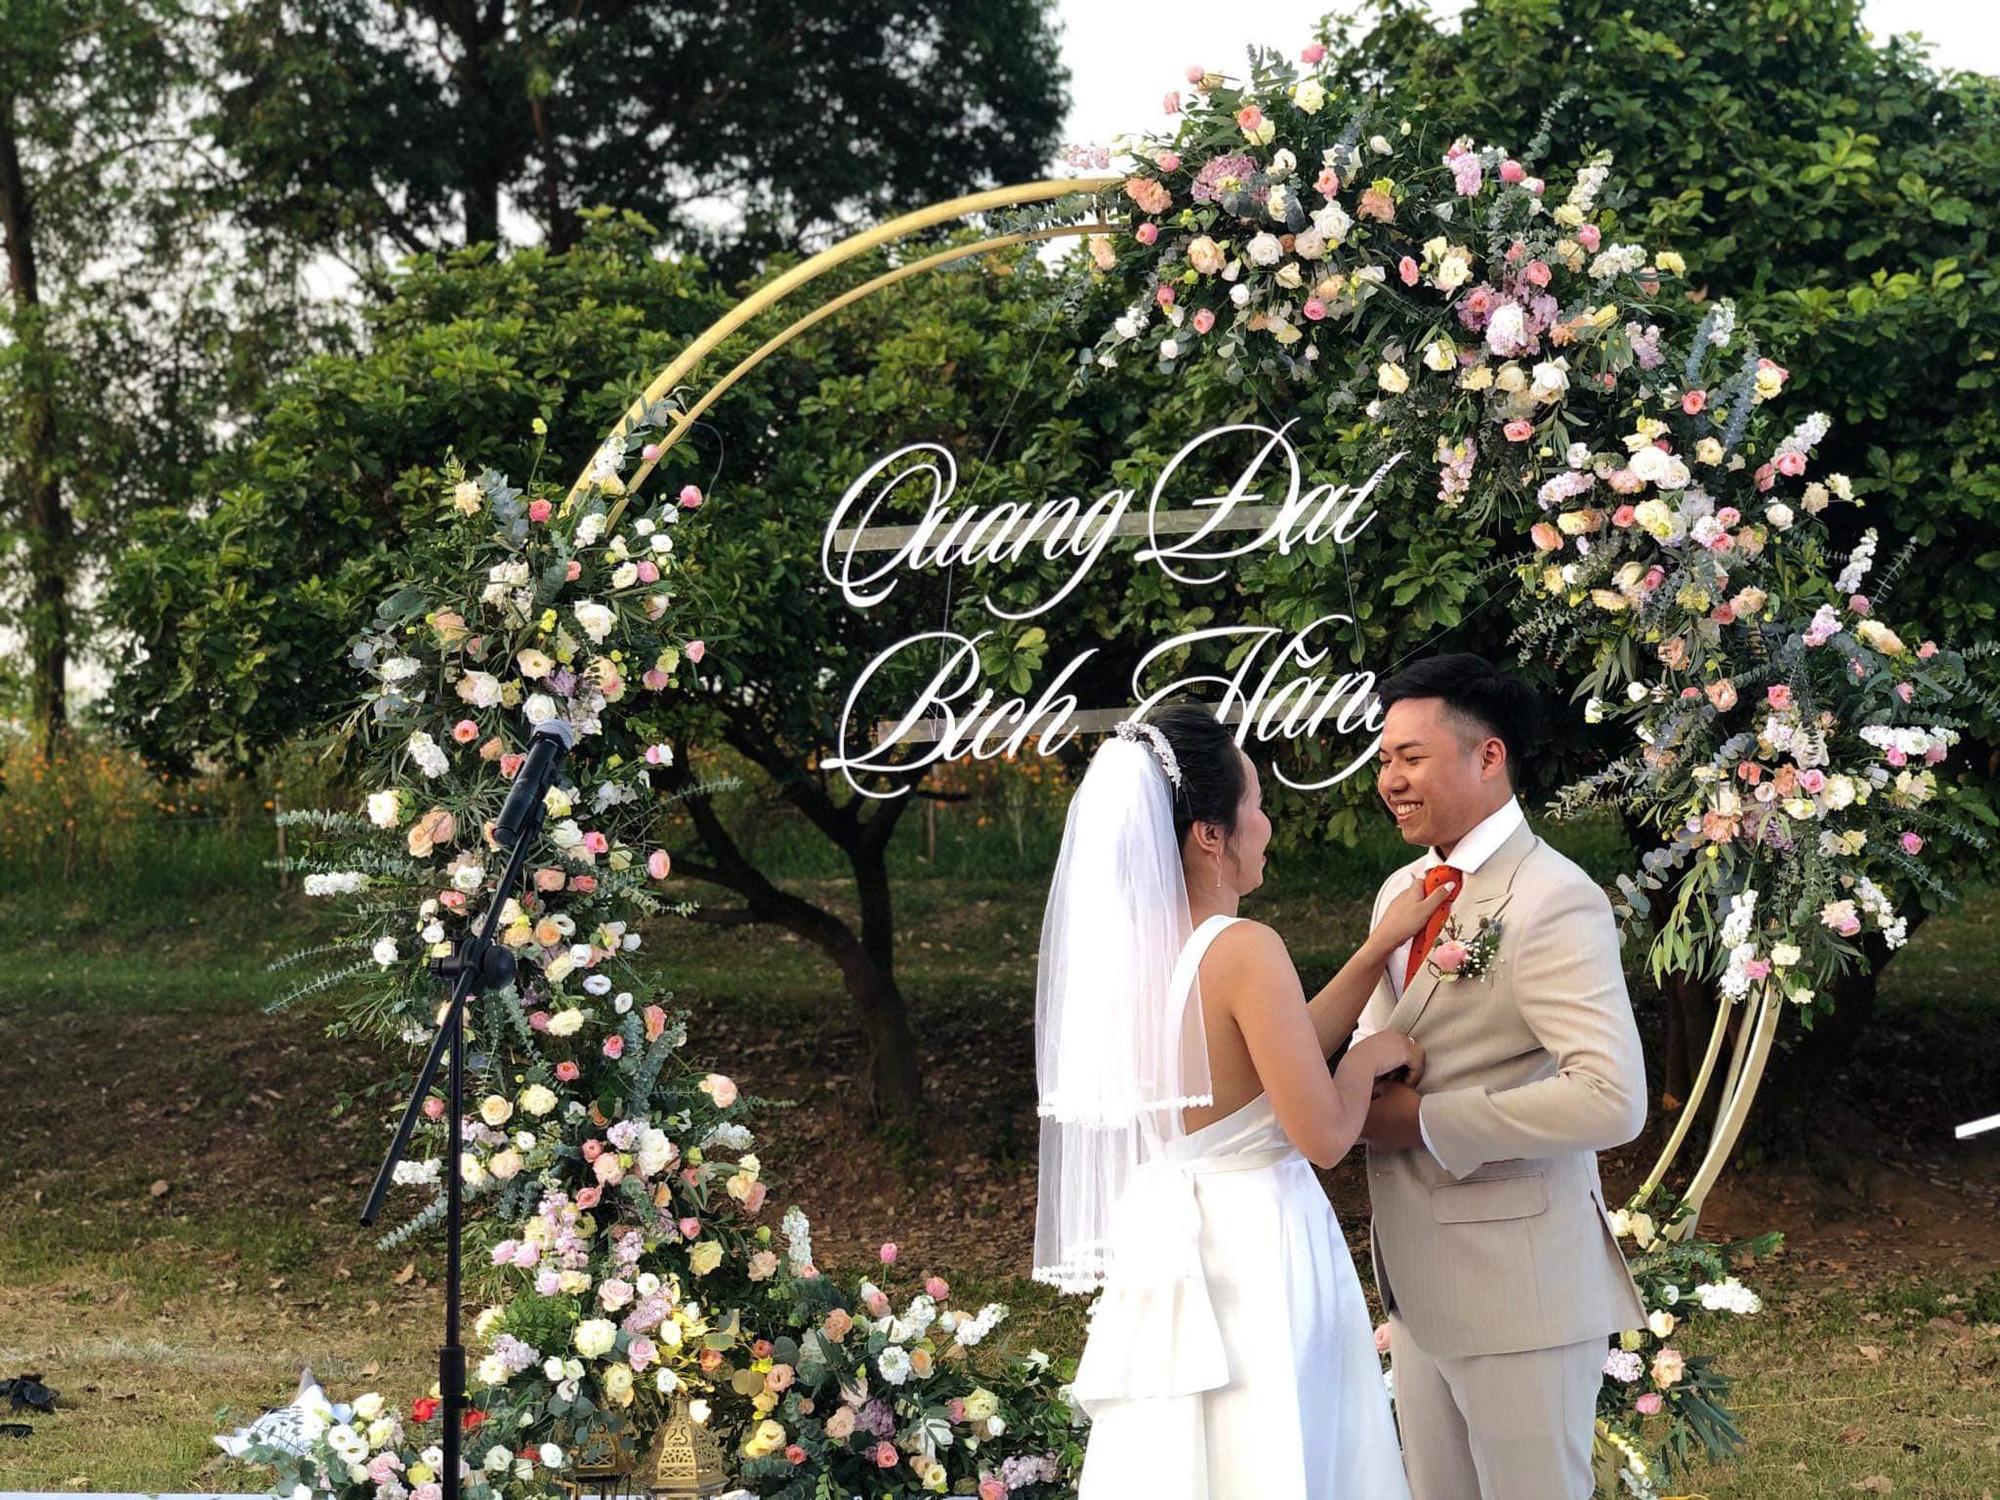 Chân dung Wedding Planner - Người nghệ sĩ của ngày chung đôi - Ảnh 3.